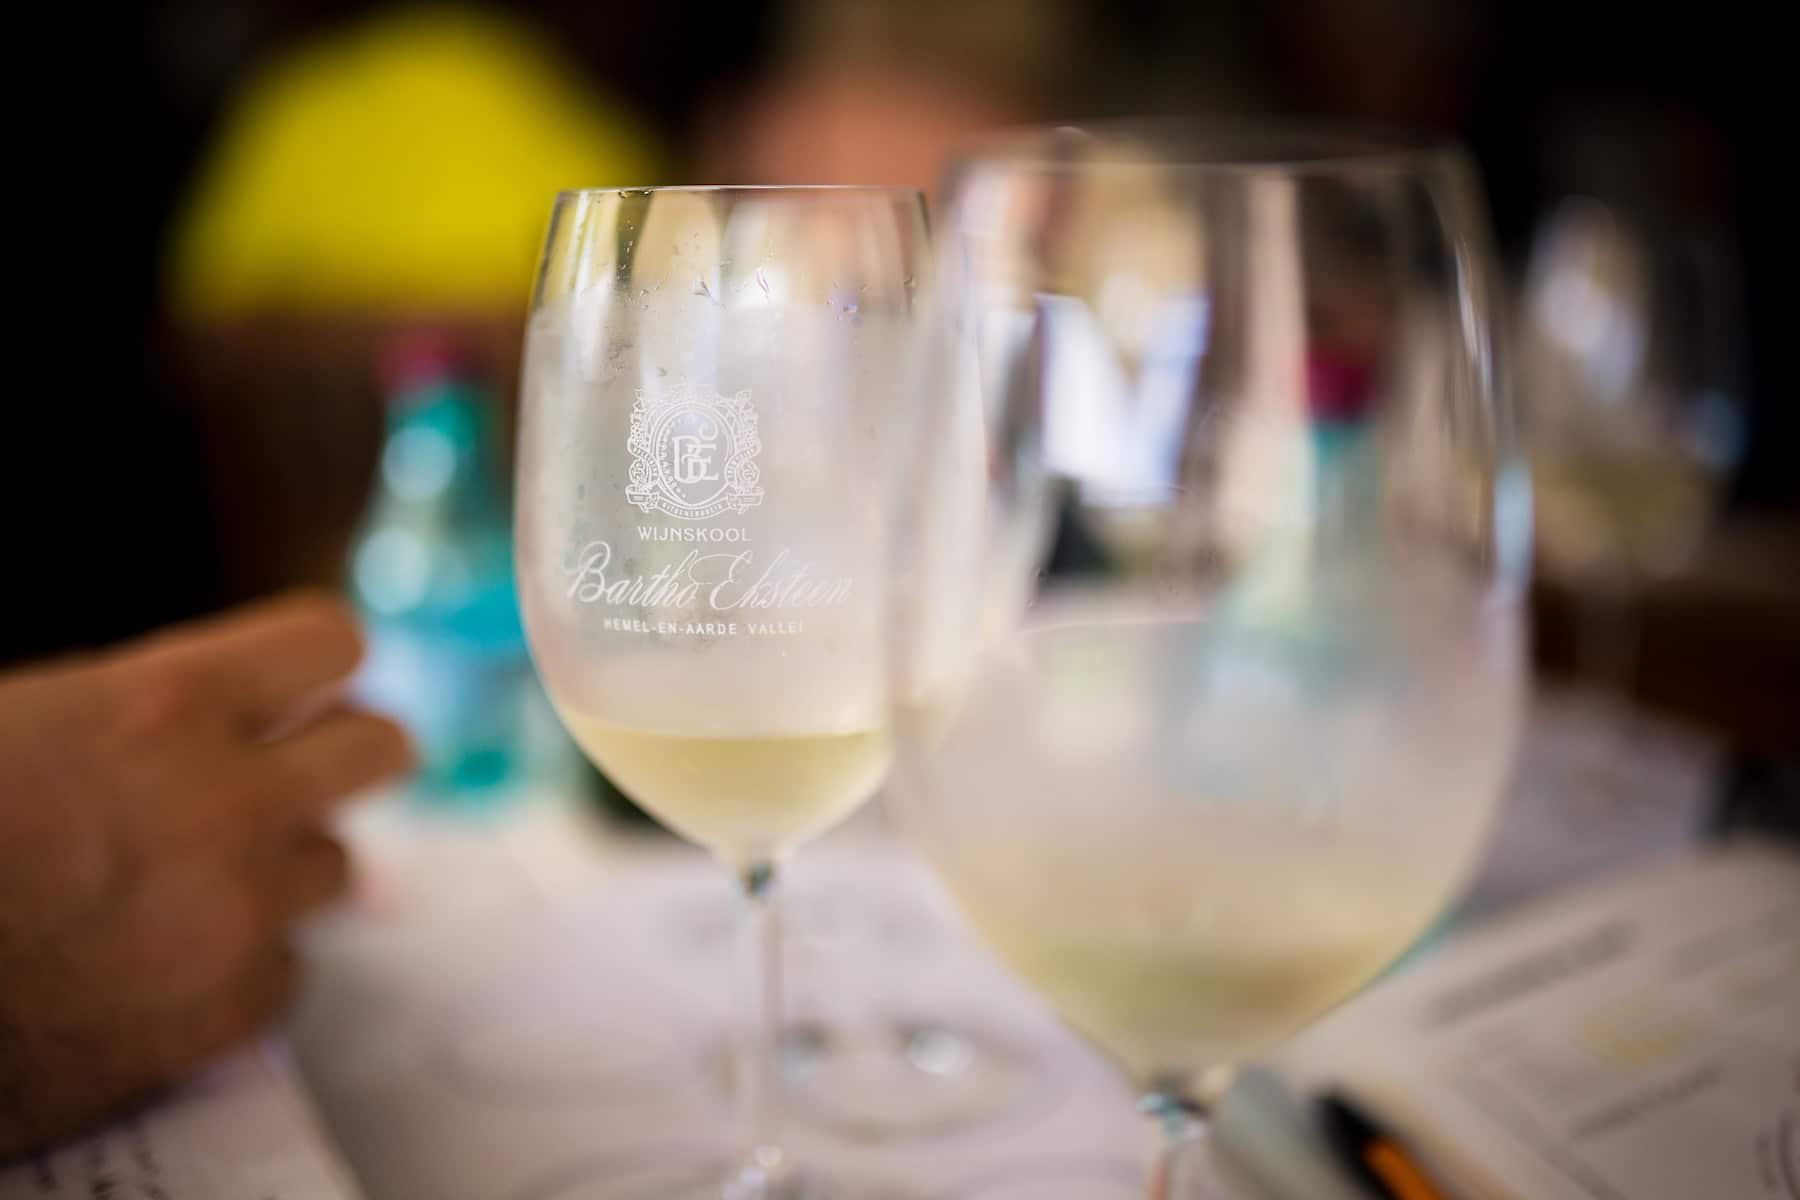 Bartho Eksteen wines